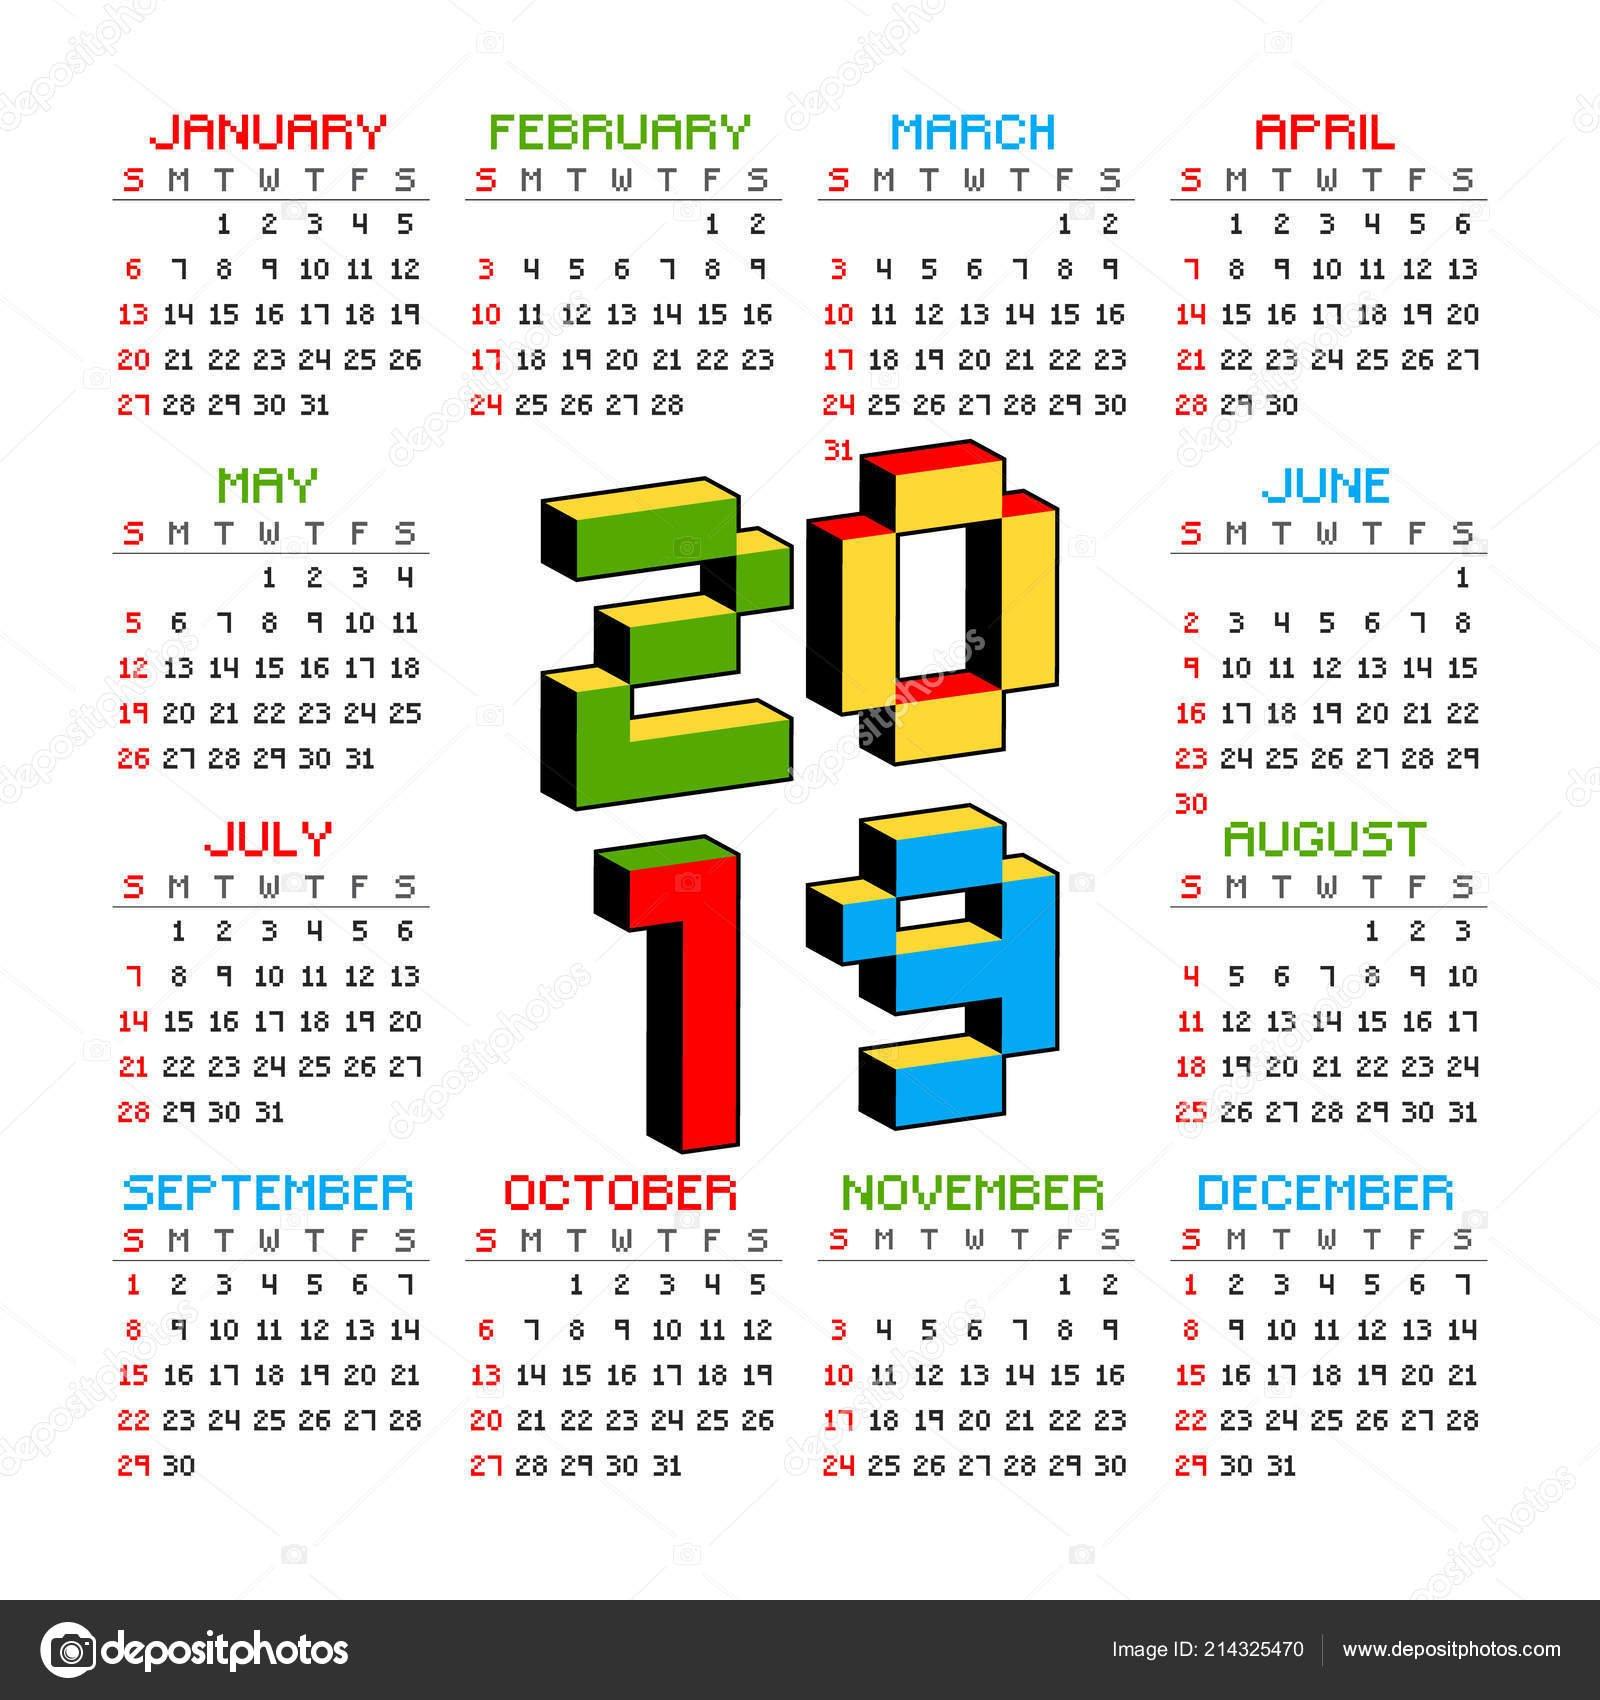 2019 Календарь На Белом Фоне В Стиле Старых 8-Битных Видео Игр Calendar En 8 2019